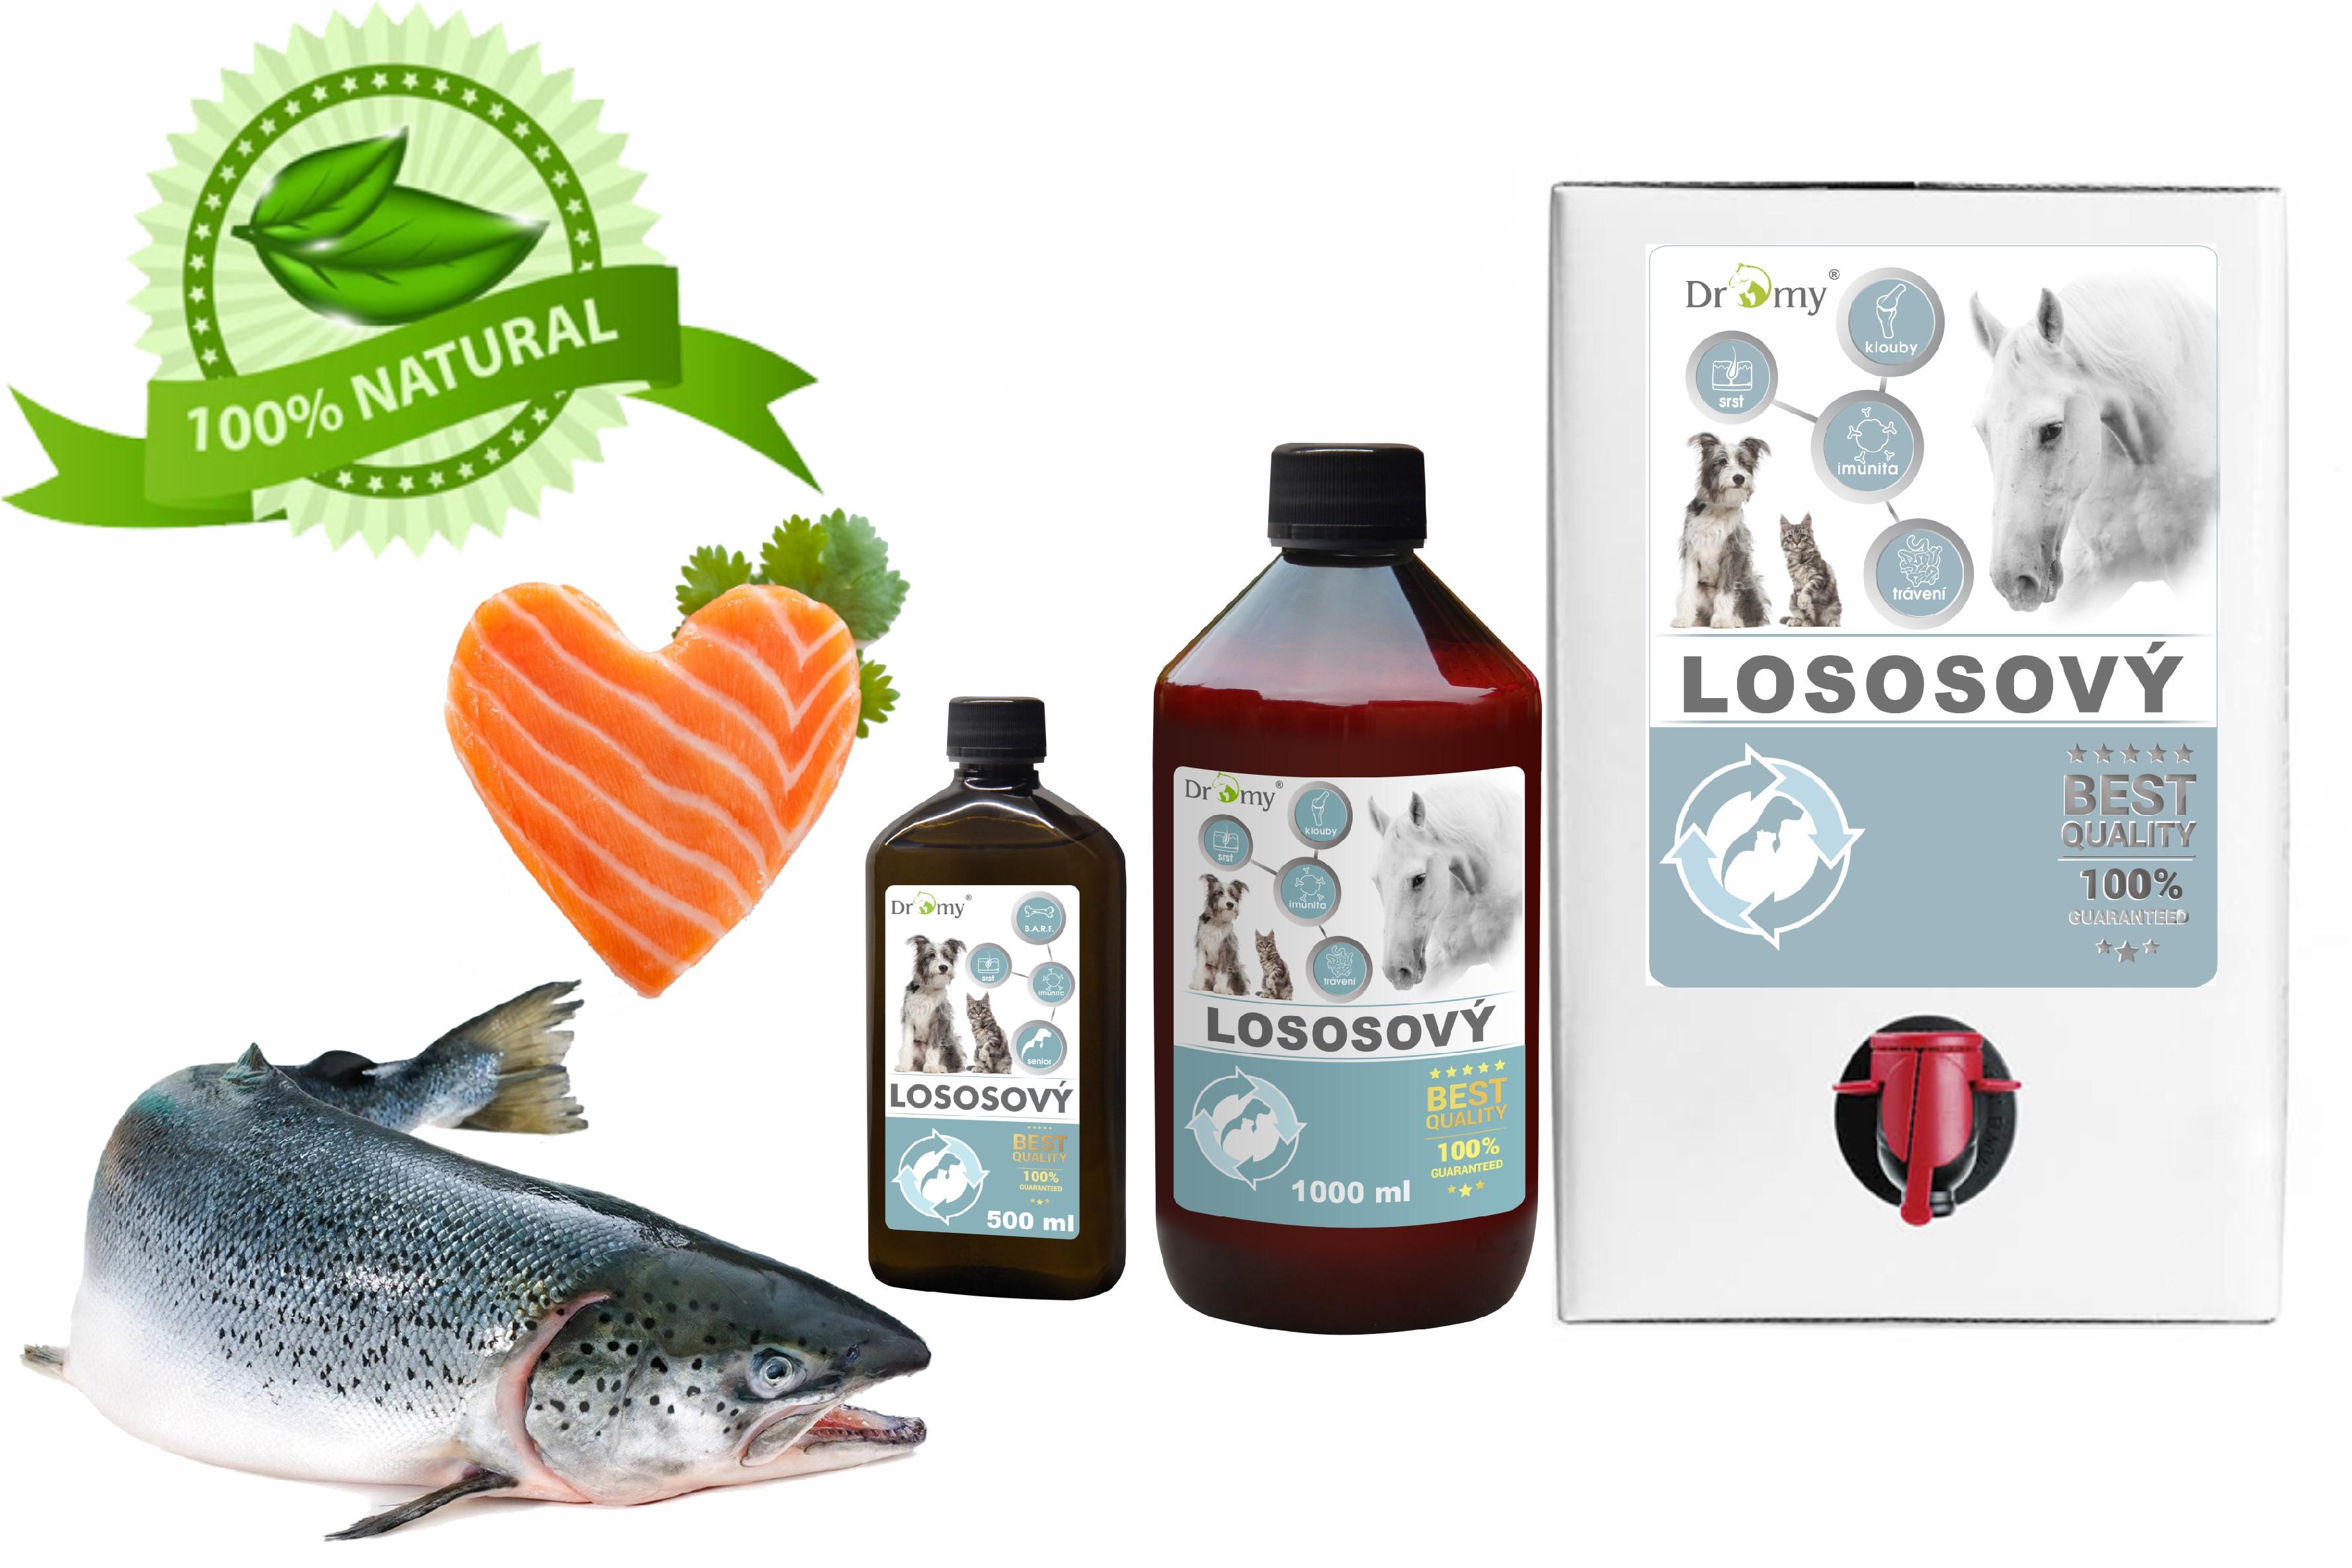 Dromy Lososový olej Premium 500 ml balení: 3000 ml